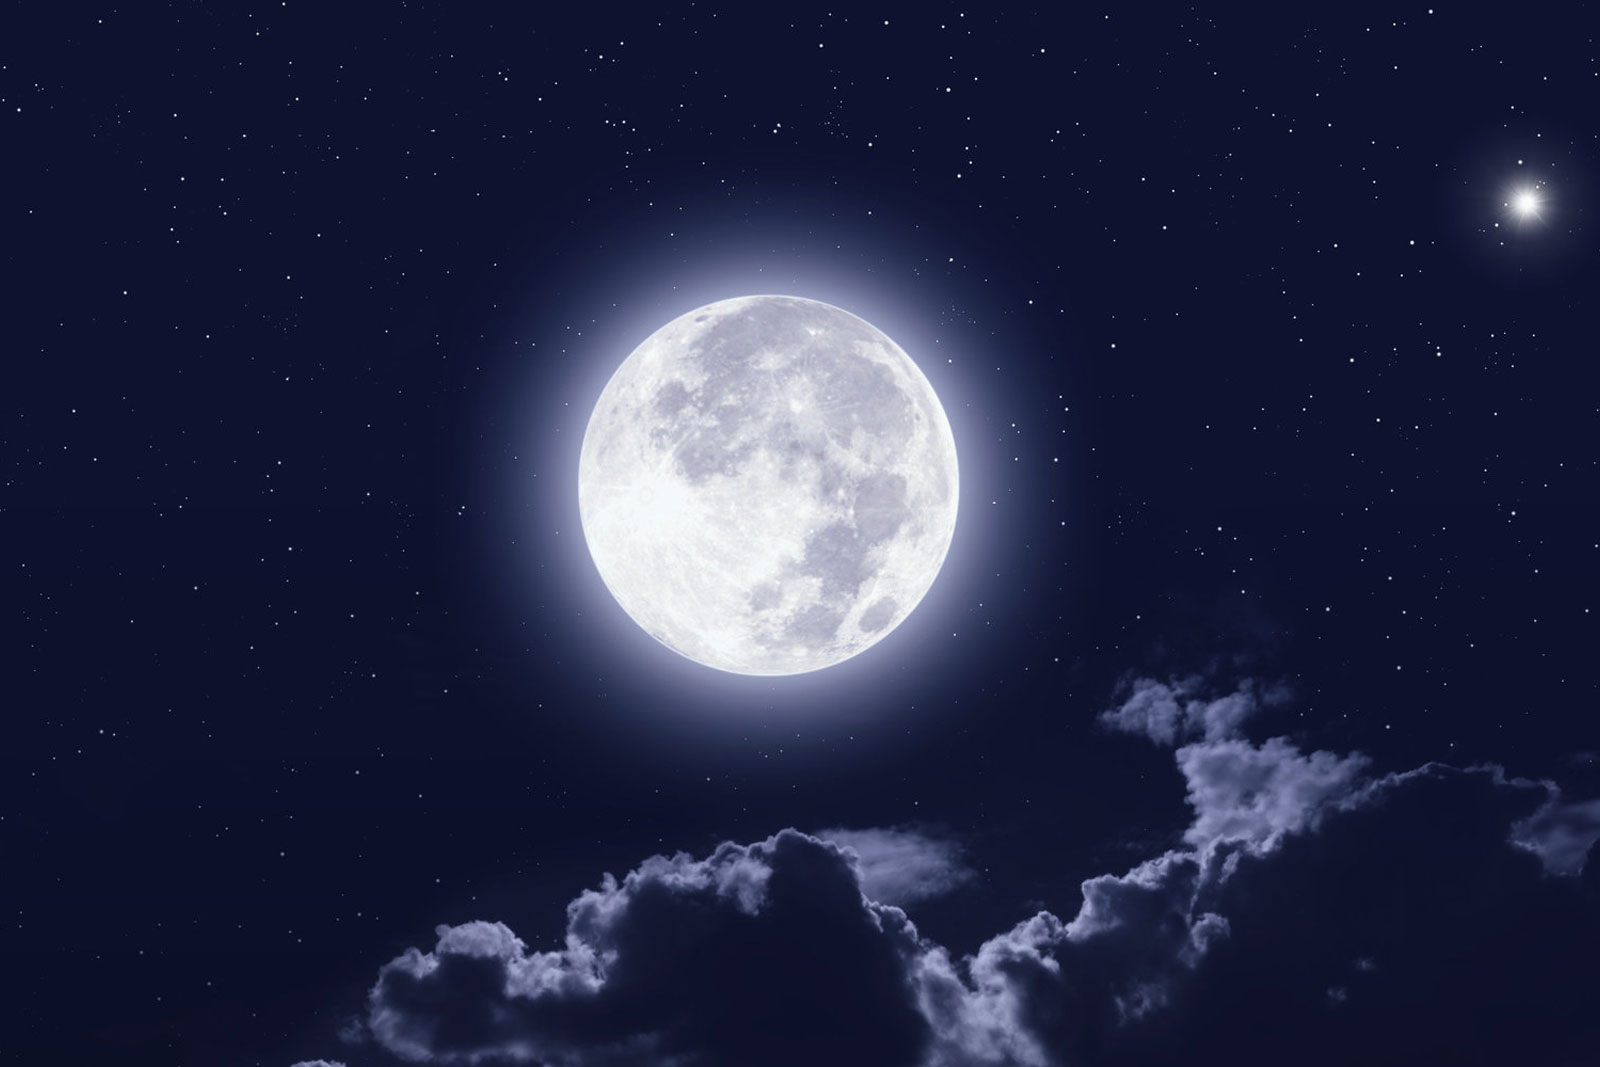 фото луна